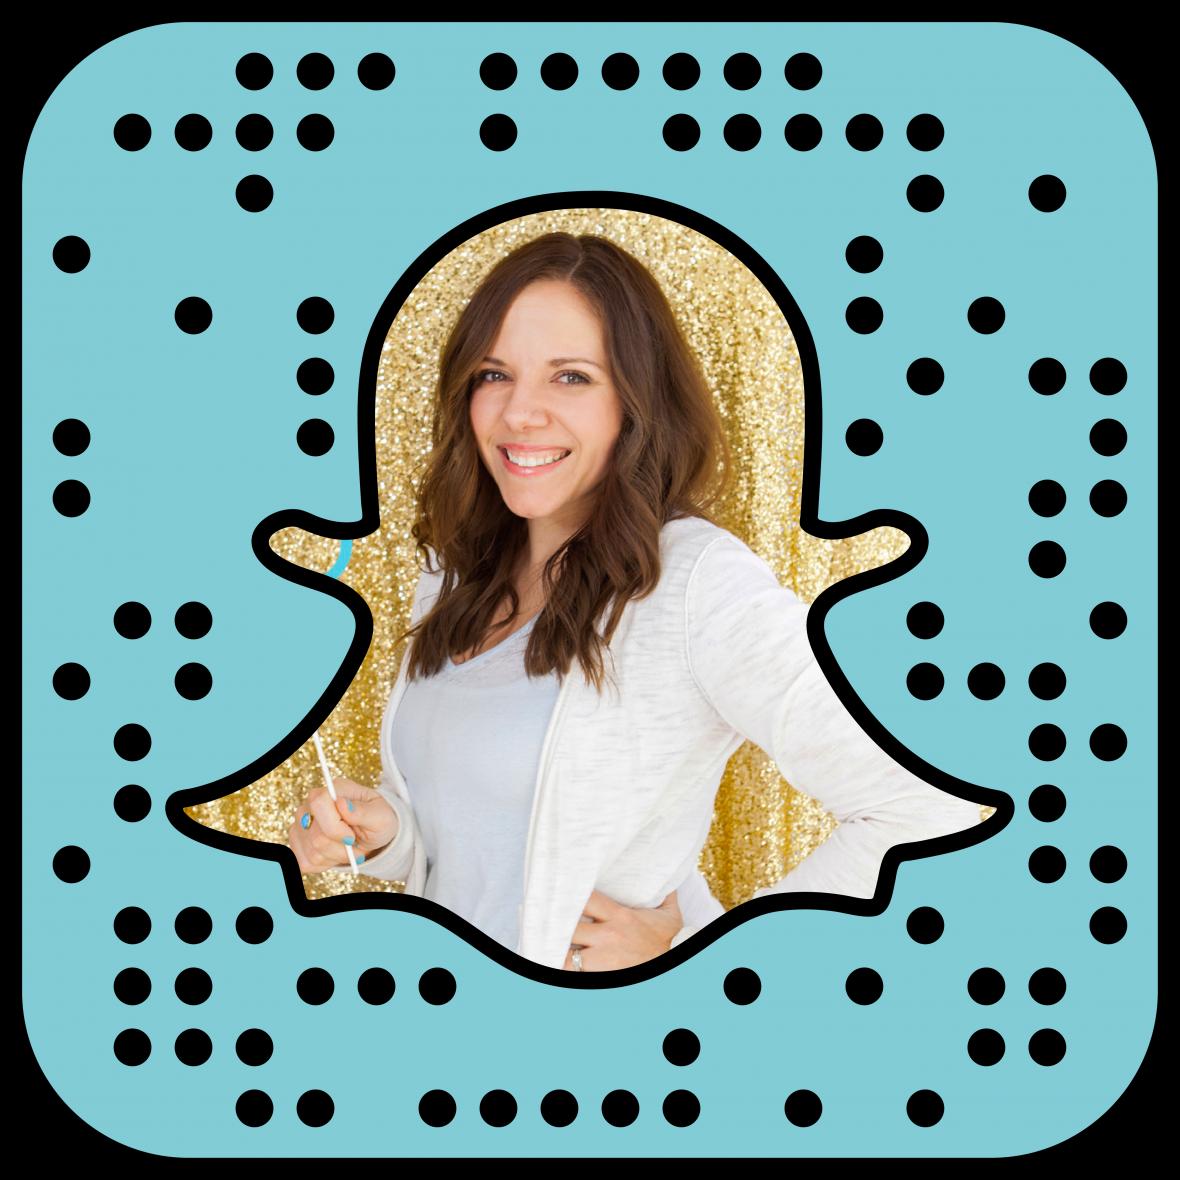 Budget Savvy Bride Snapchat Code